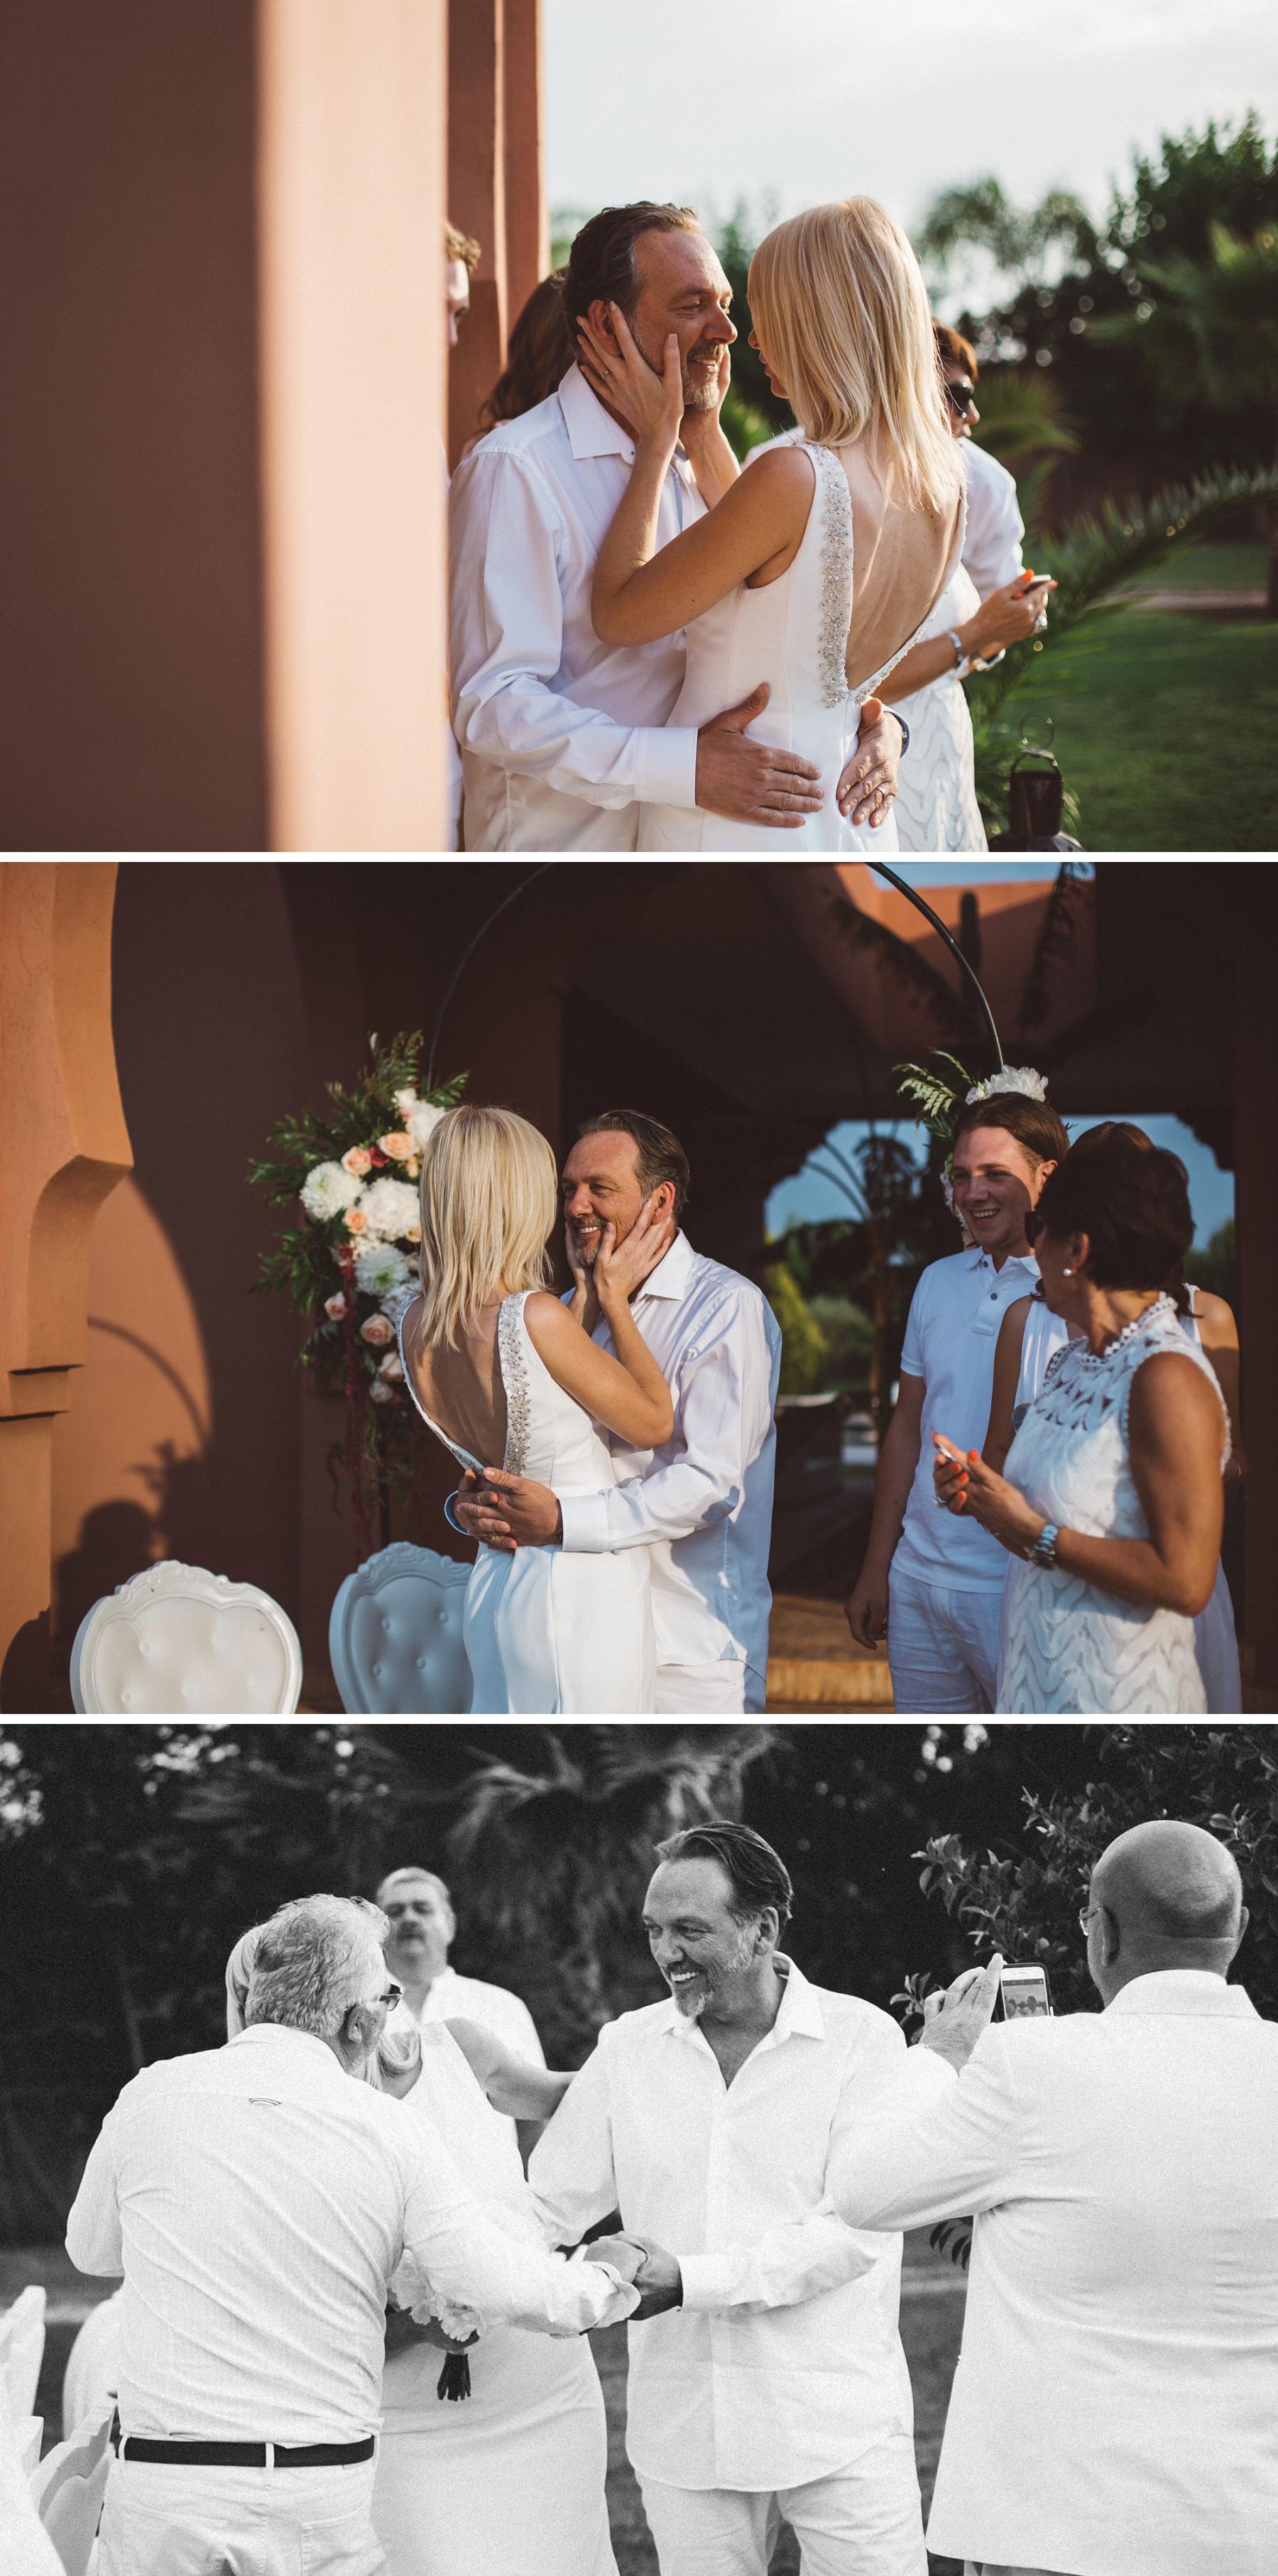 mariage-riad-marrakech-29.jpg